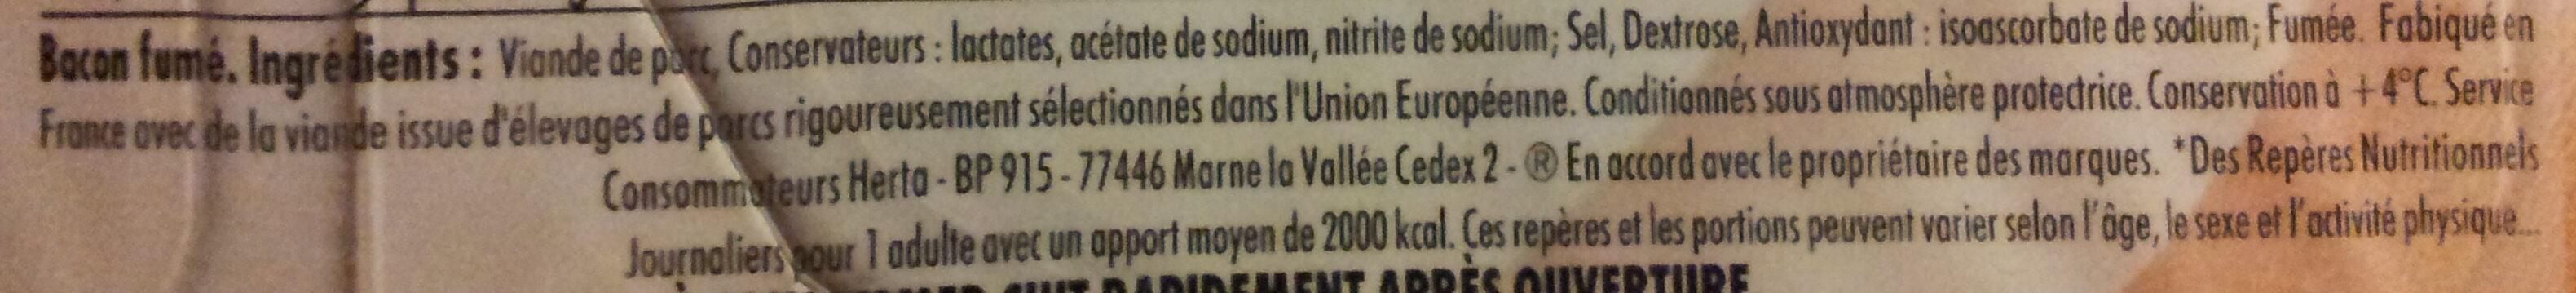 Allumettes de bacon - Ingrédients - fr